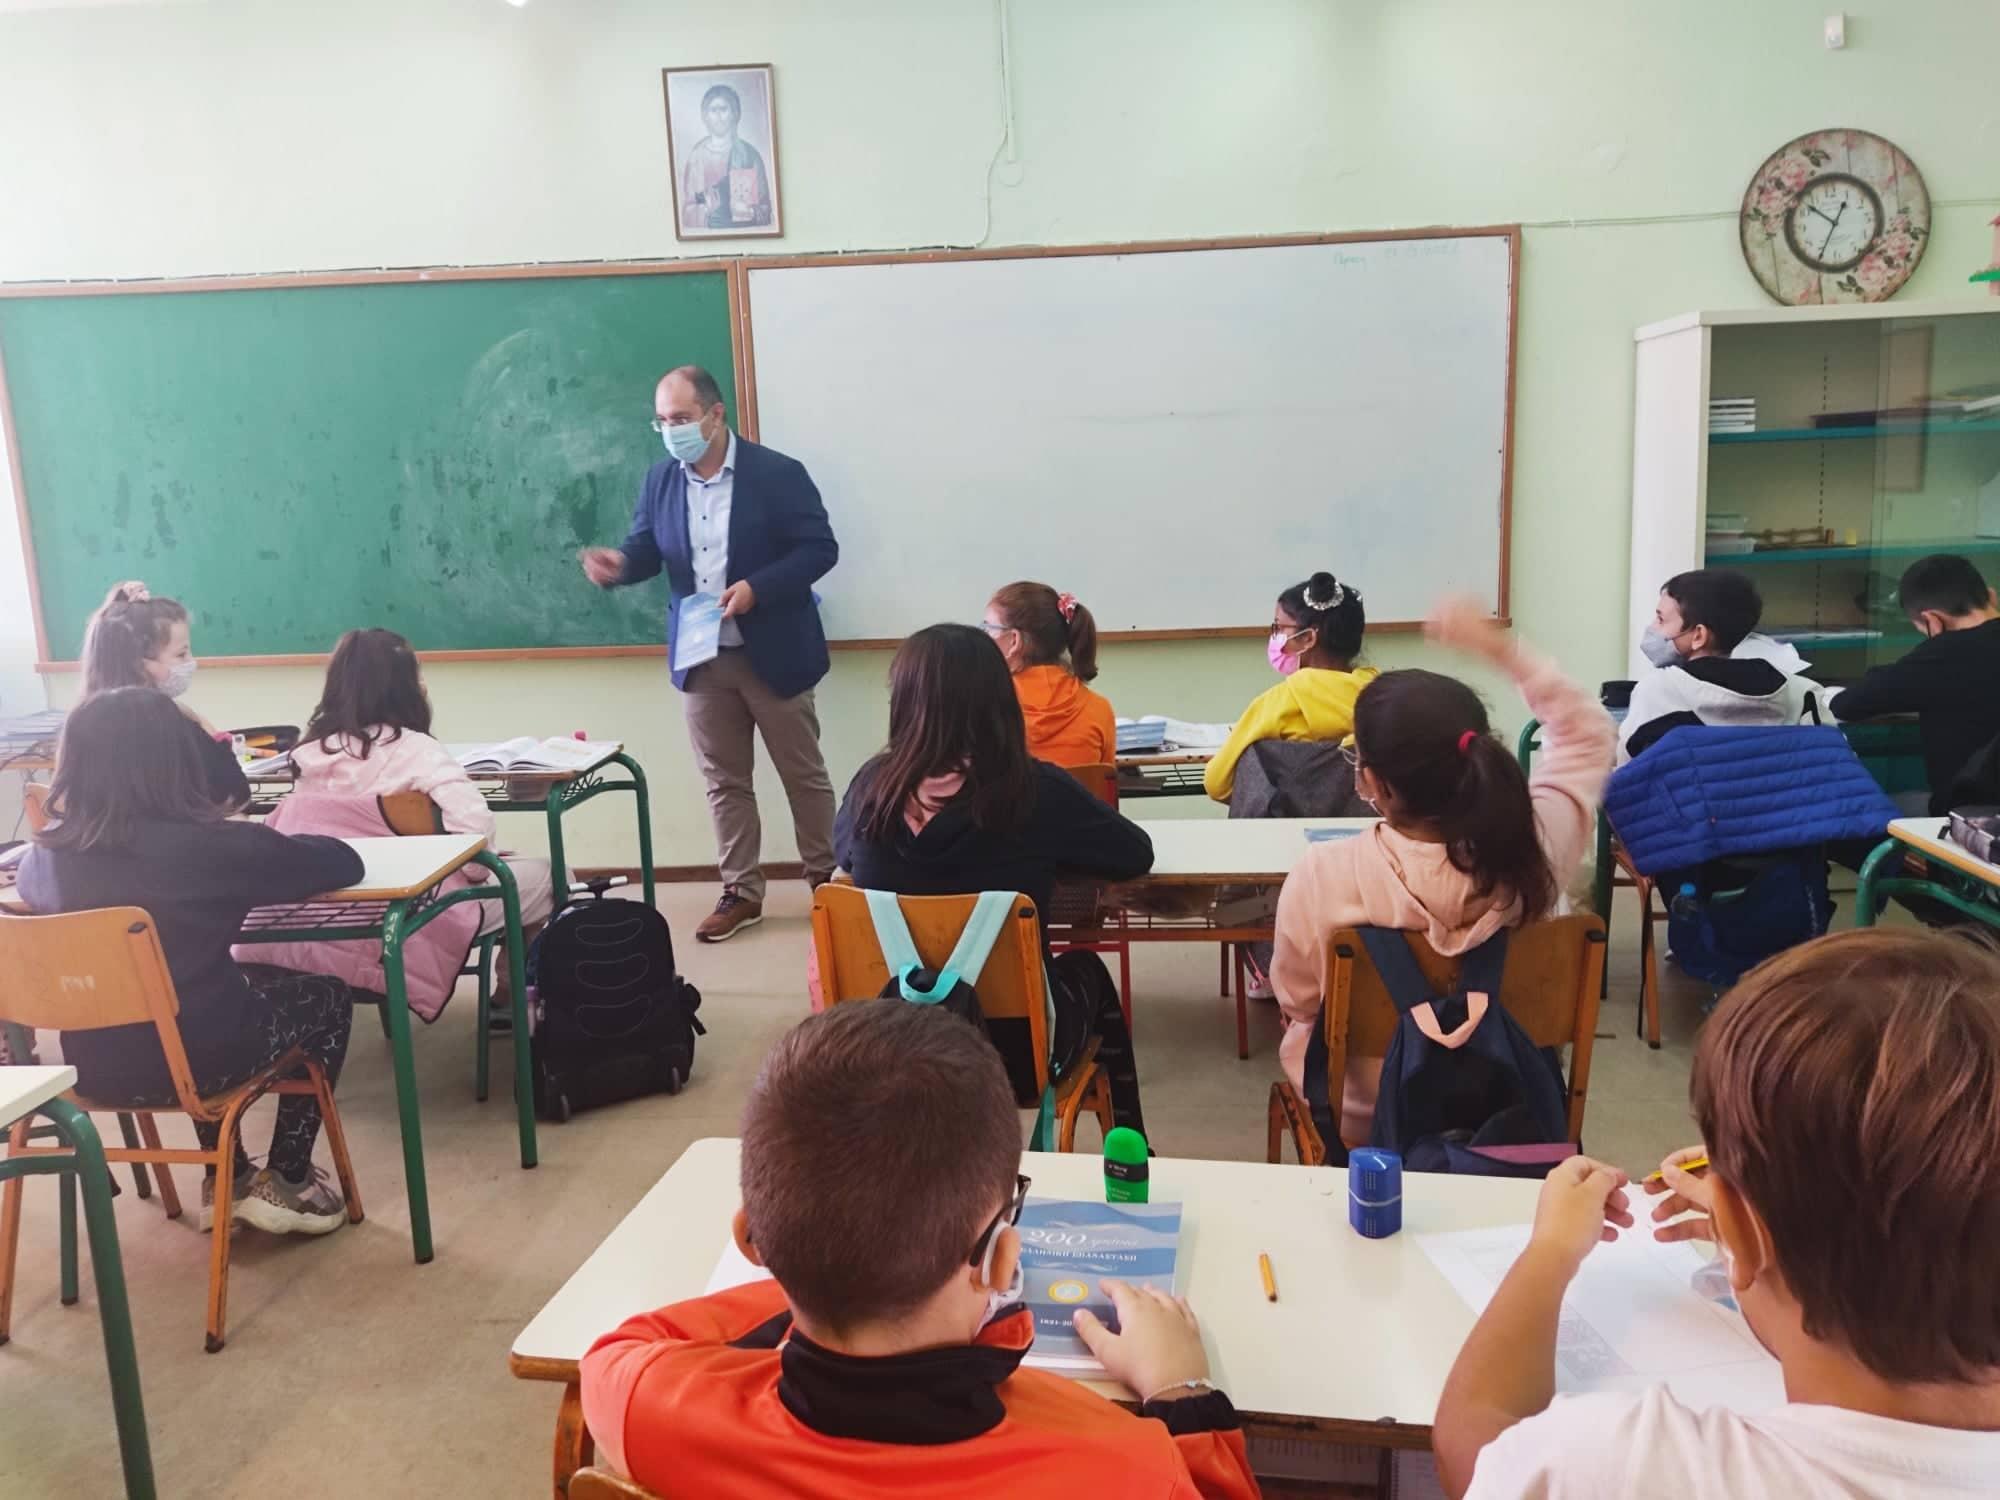 Δήμος Κιλκίς: Συλλεκτικά σχολικά τετράδια για την Ελληνική Επανάσταση σε μαθητές Δημοτικών Σχολείων και νήπια